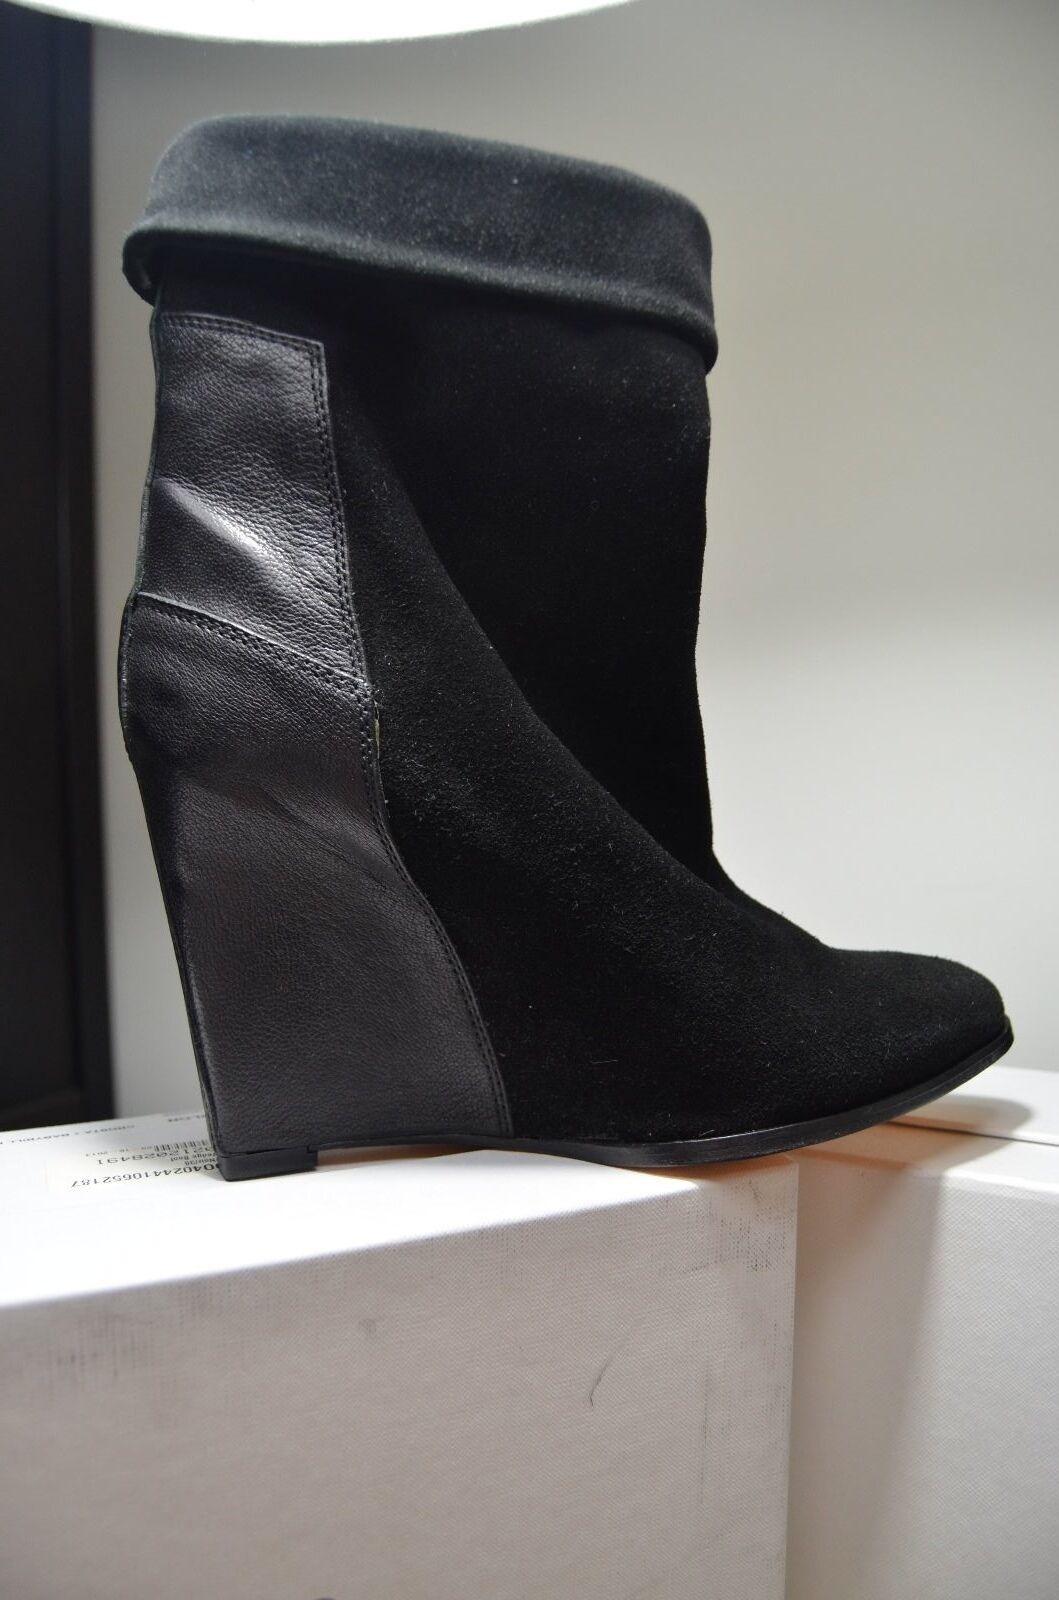 Men's/Women's IRO Darlon Wedge Boot 38 Black Rich design low cost Caramel, gentle